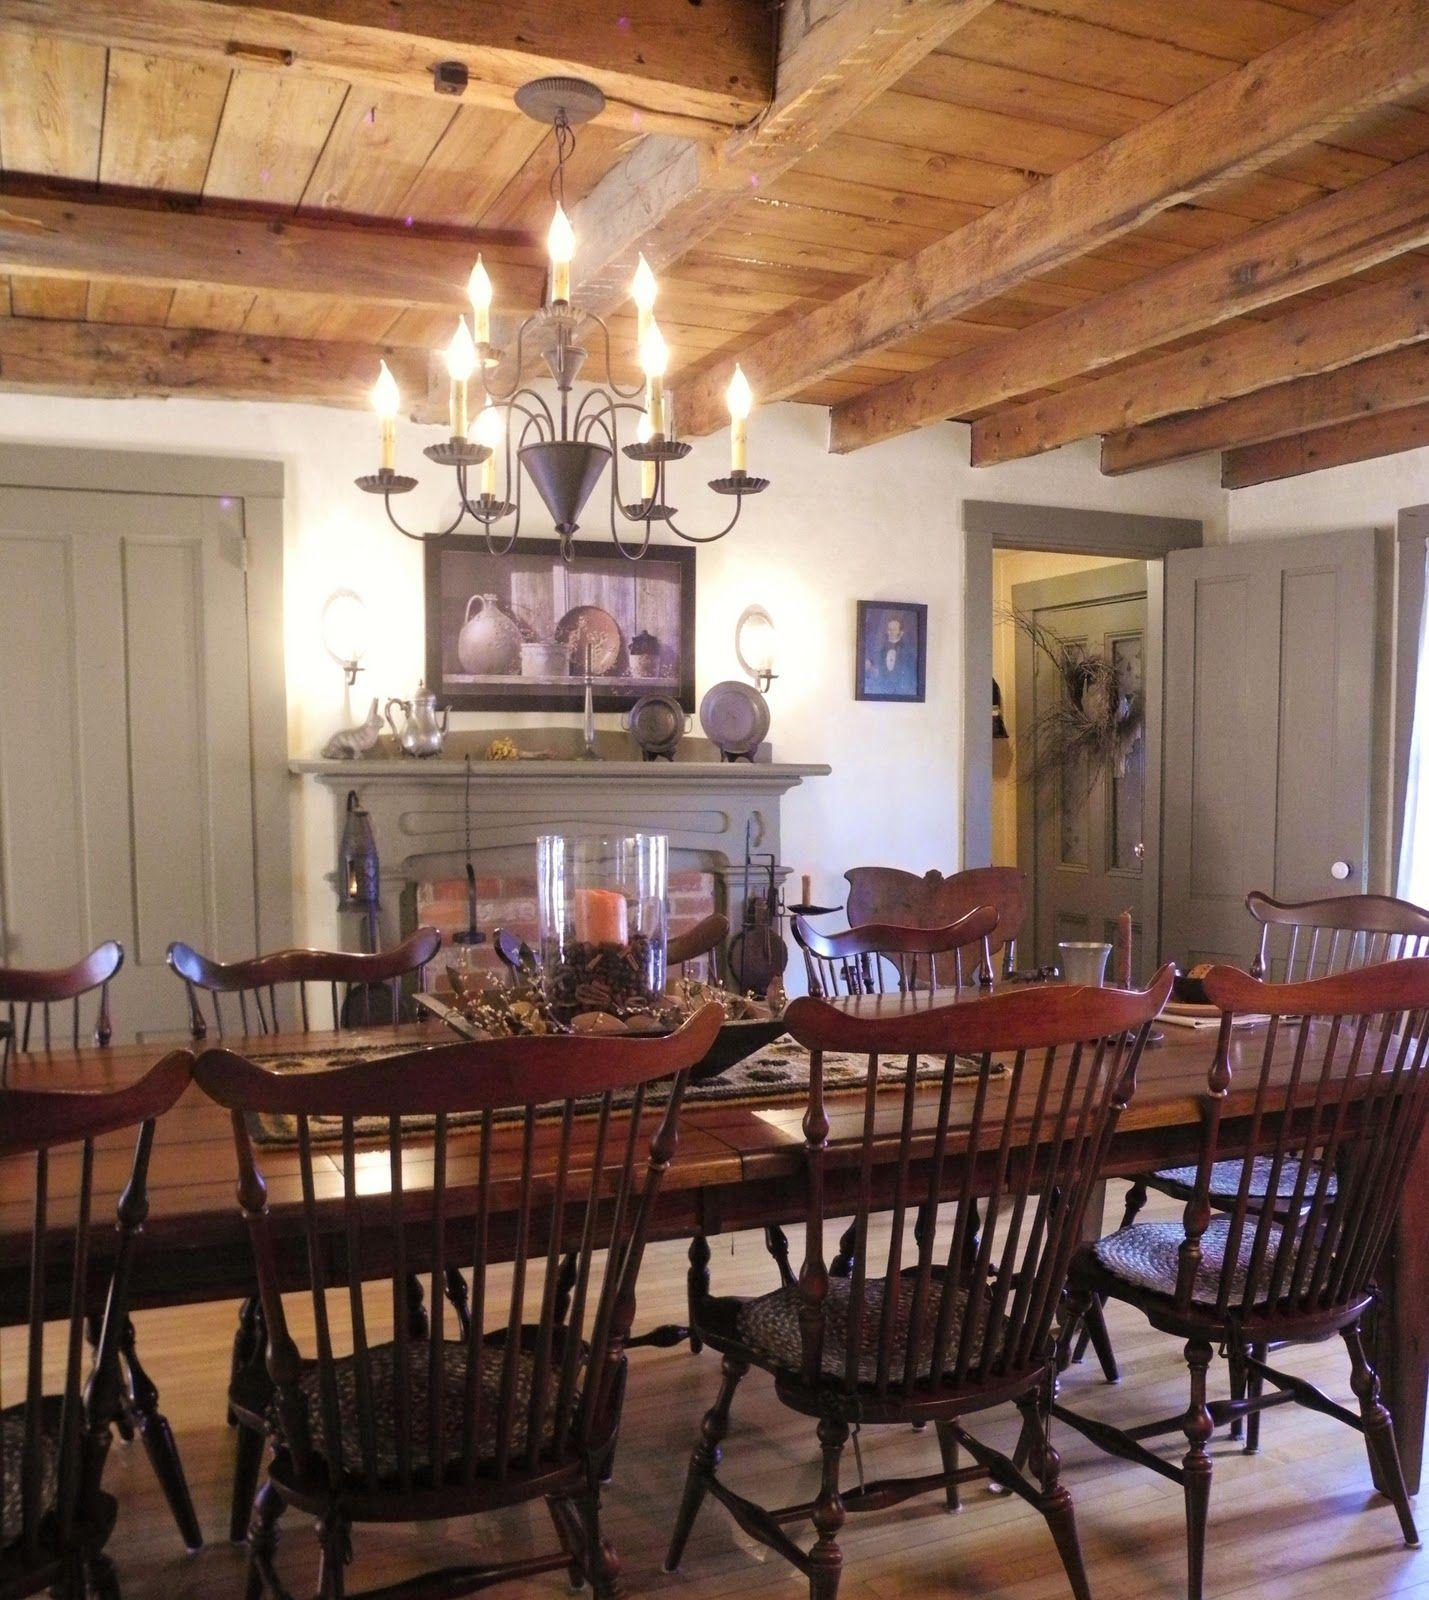 primitive dining room sets   Primitive dining room   Dining Rooms   Pinterest